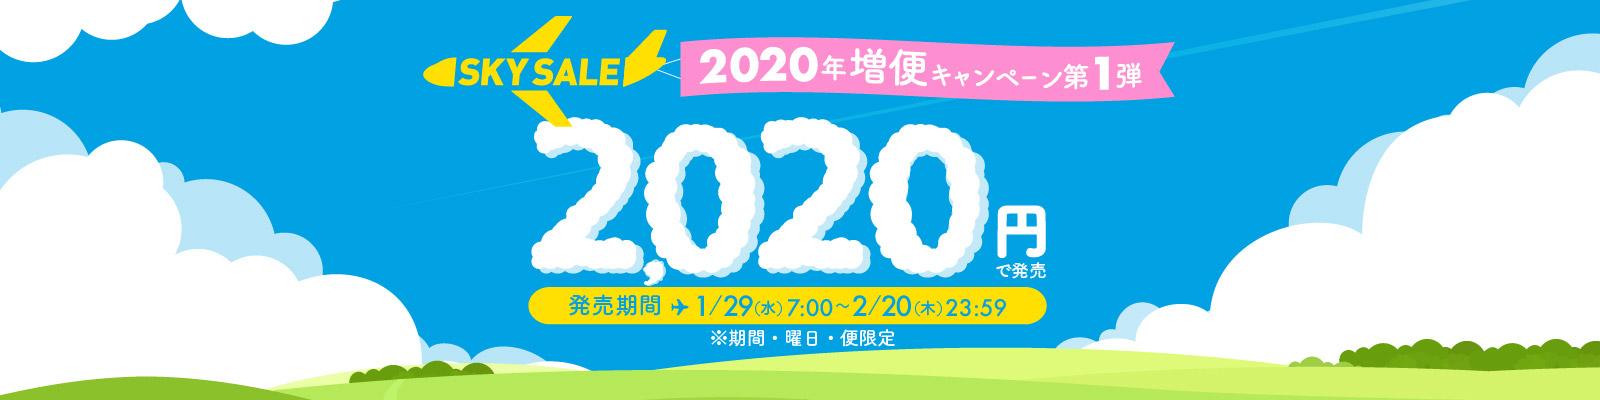 スカイマークが羽田⇒新千歳など片道2020円となるSKYセールを実施中。~2/20。